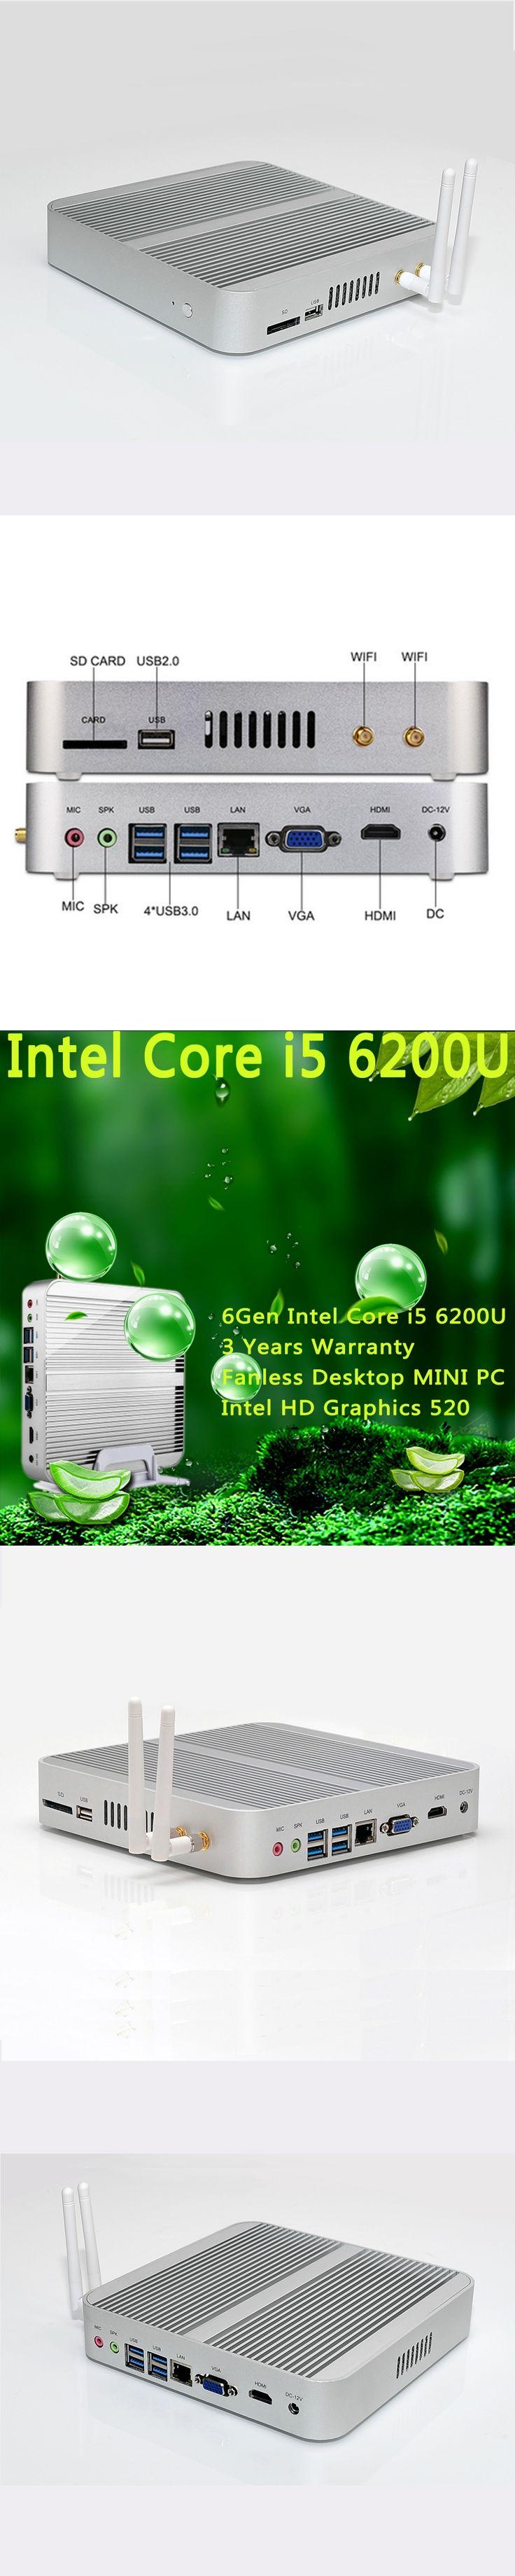 Intel HD Graphics 520 HTPC TV Box 3 Years Warranty [6Gen Intel Core i5 6200U]Win10 Mini PC Fanless Desktop 4K HTPC FREE SHIPPING